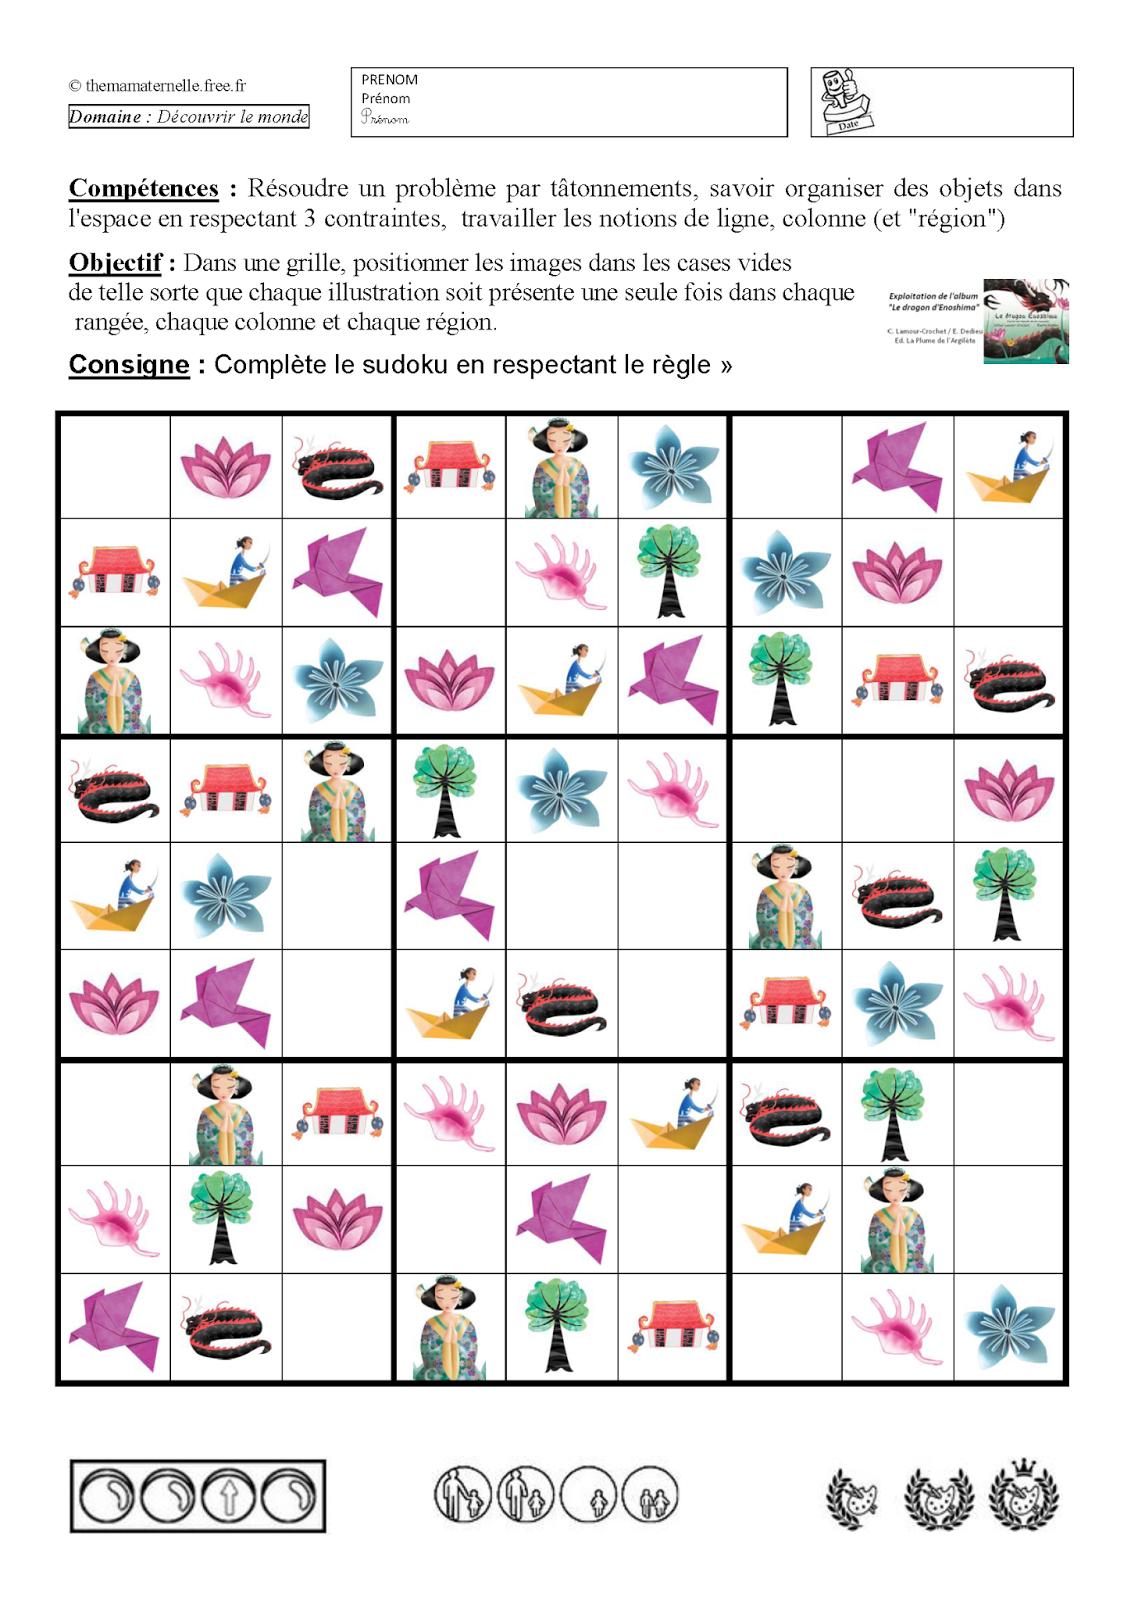 Sudoku | Chine Maternelle, Jeux A Imprimer, Idées Pour L'école encequiconcerne Sudoku Animaux À Imprimer